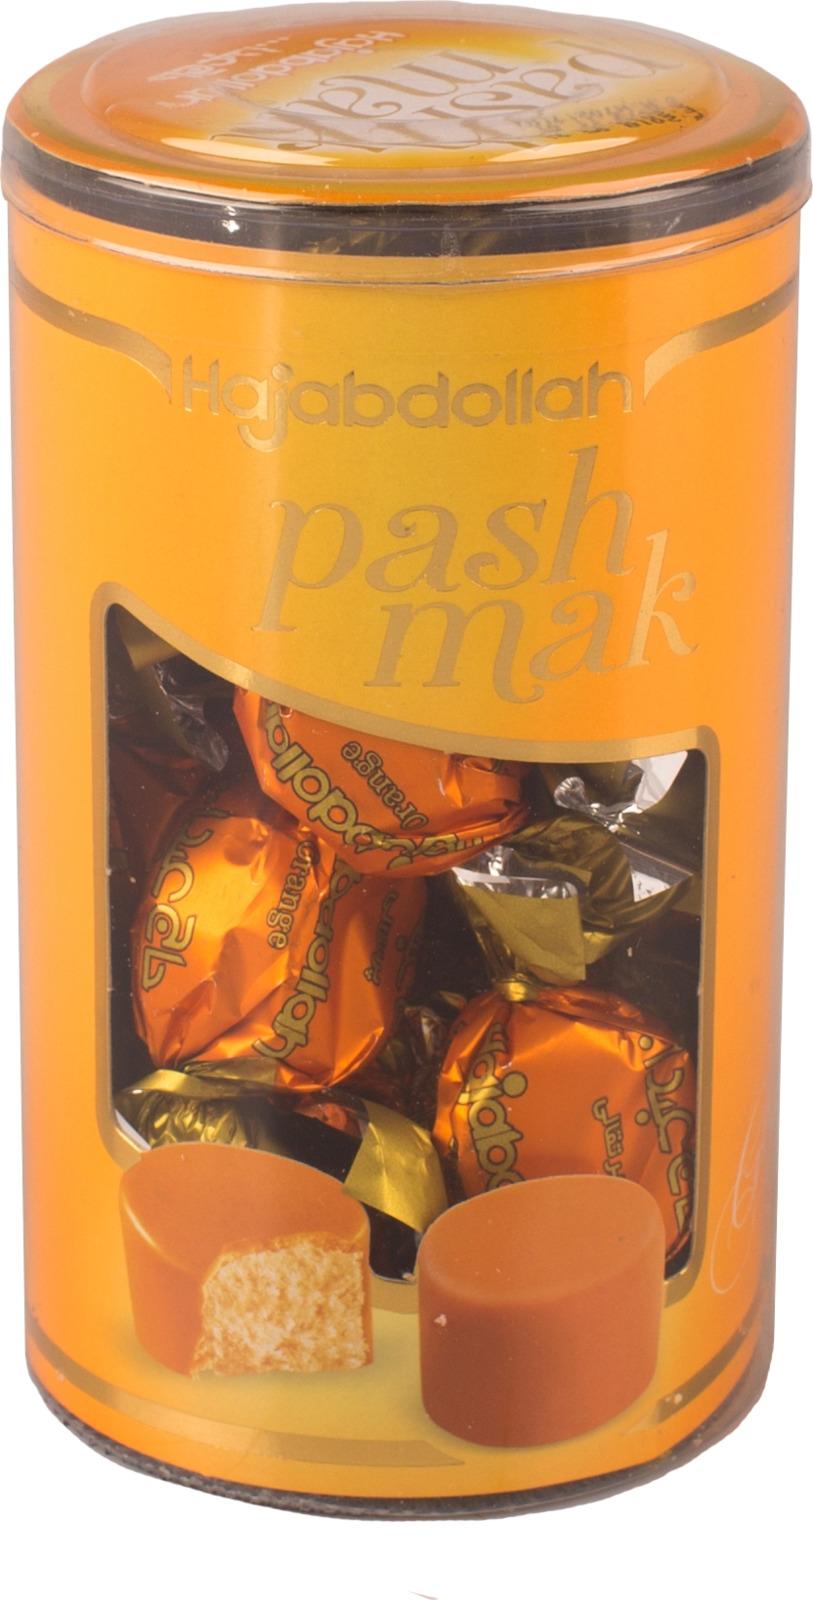 Конфеты из пашмалы Hajabdollah со вкусом апельсина во фруктовой глазури, 200 г коммунарка цитрон топ глазированная помадка со вкусом лимона конфеты 200 г